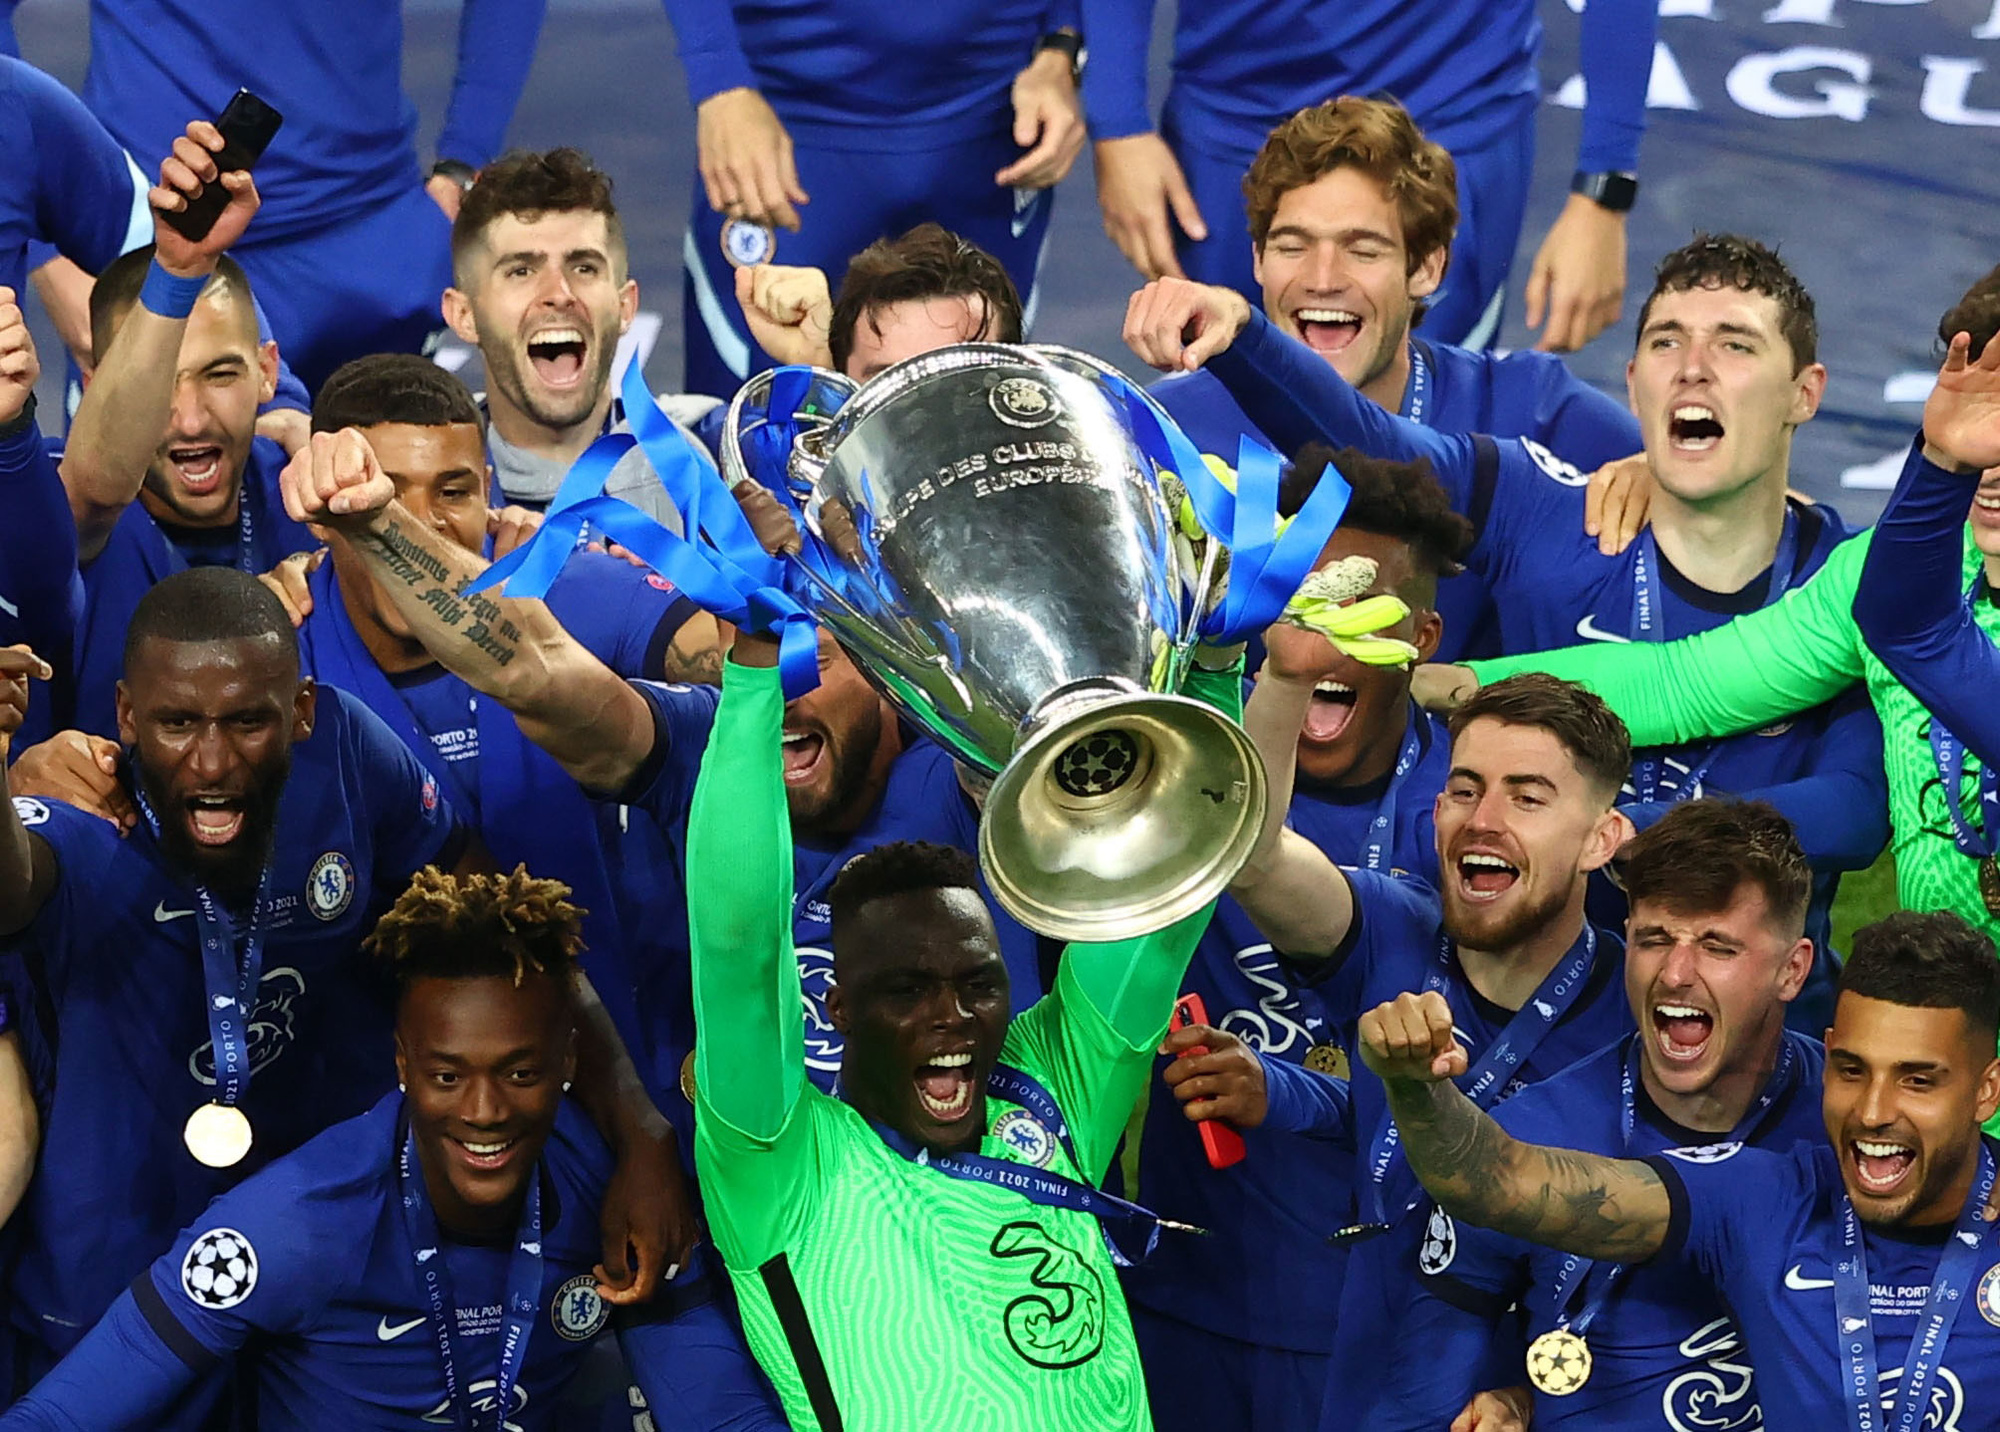 Vierende Chelseaspelers, Reuters